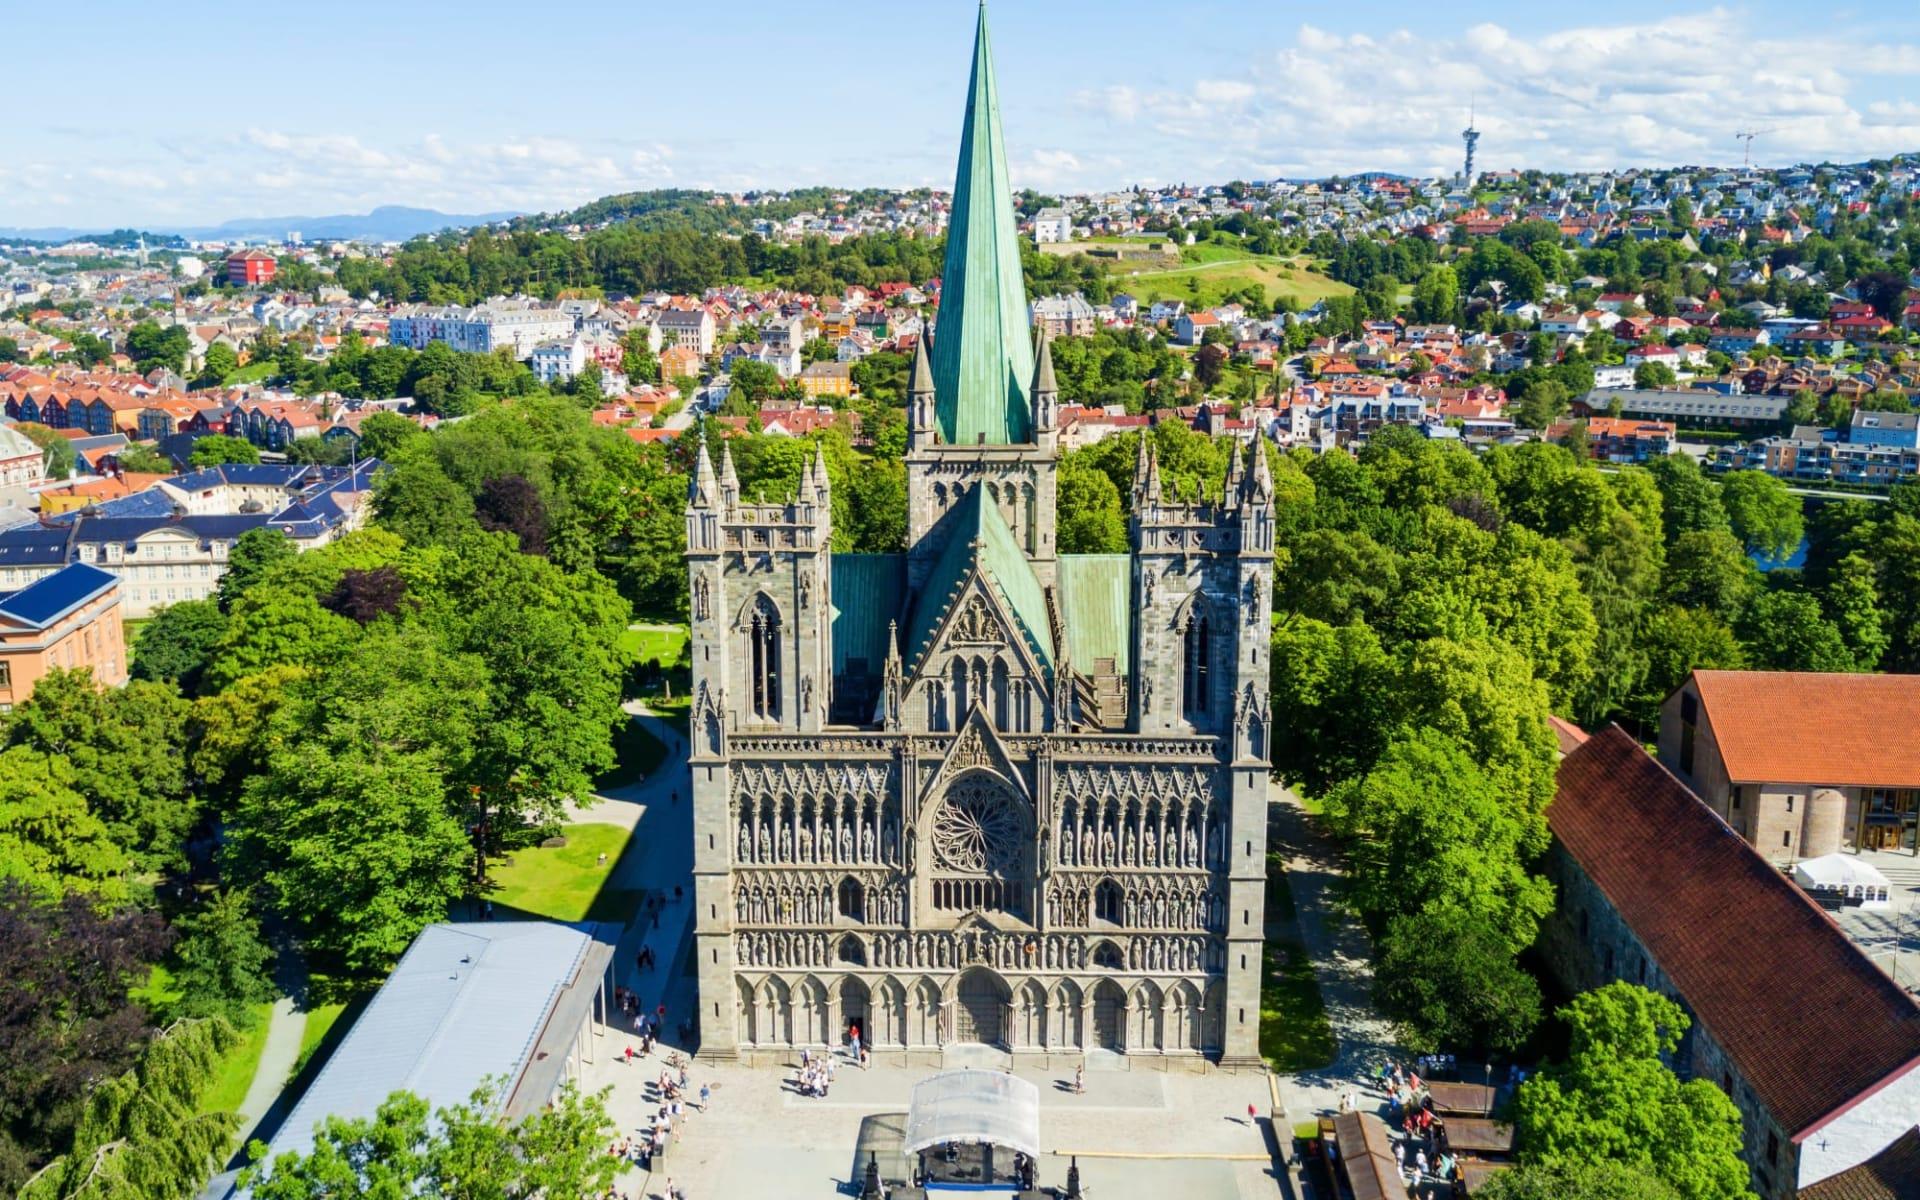 Clarion Hotel in Trondheim: Nidaros Domkirke ist eine Kathedrale Norwegens in Trondheim